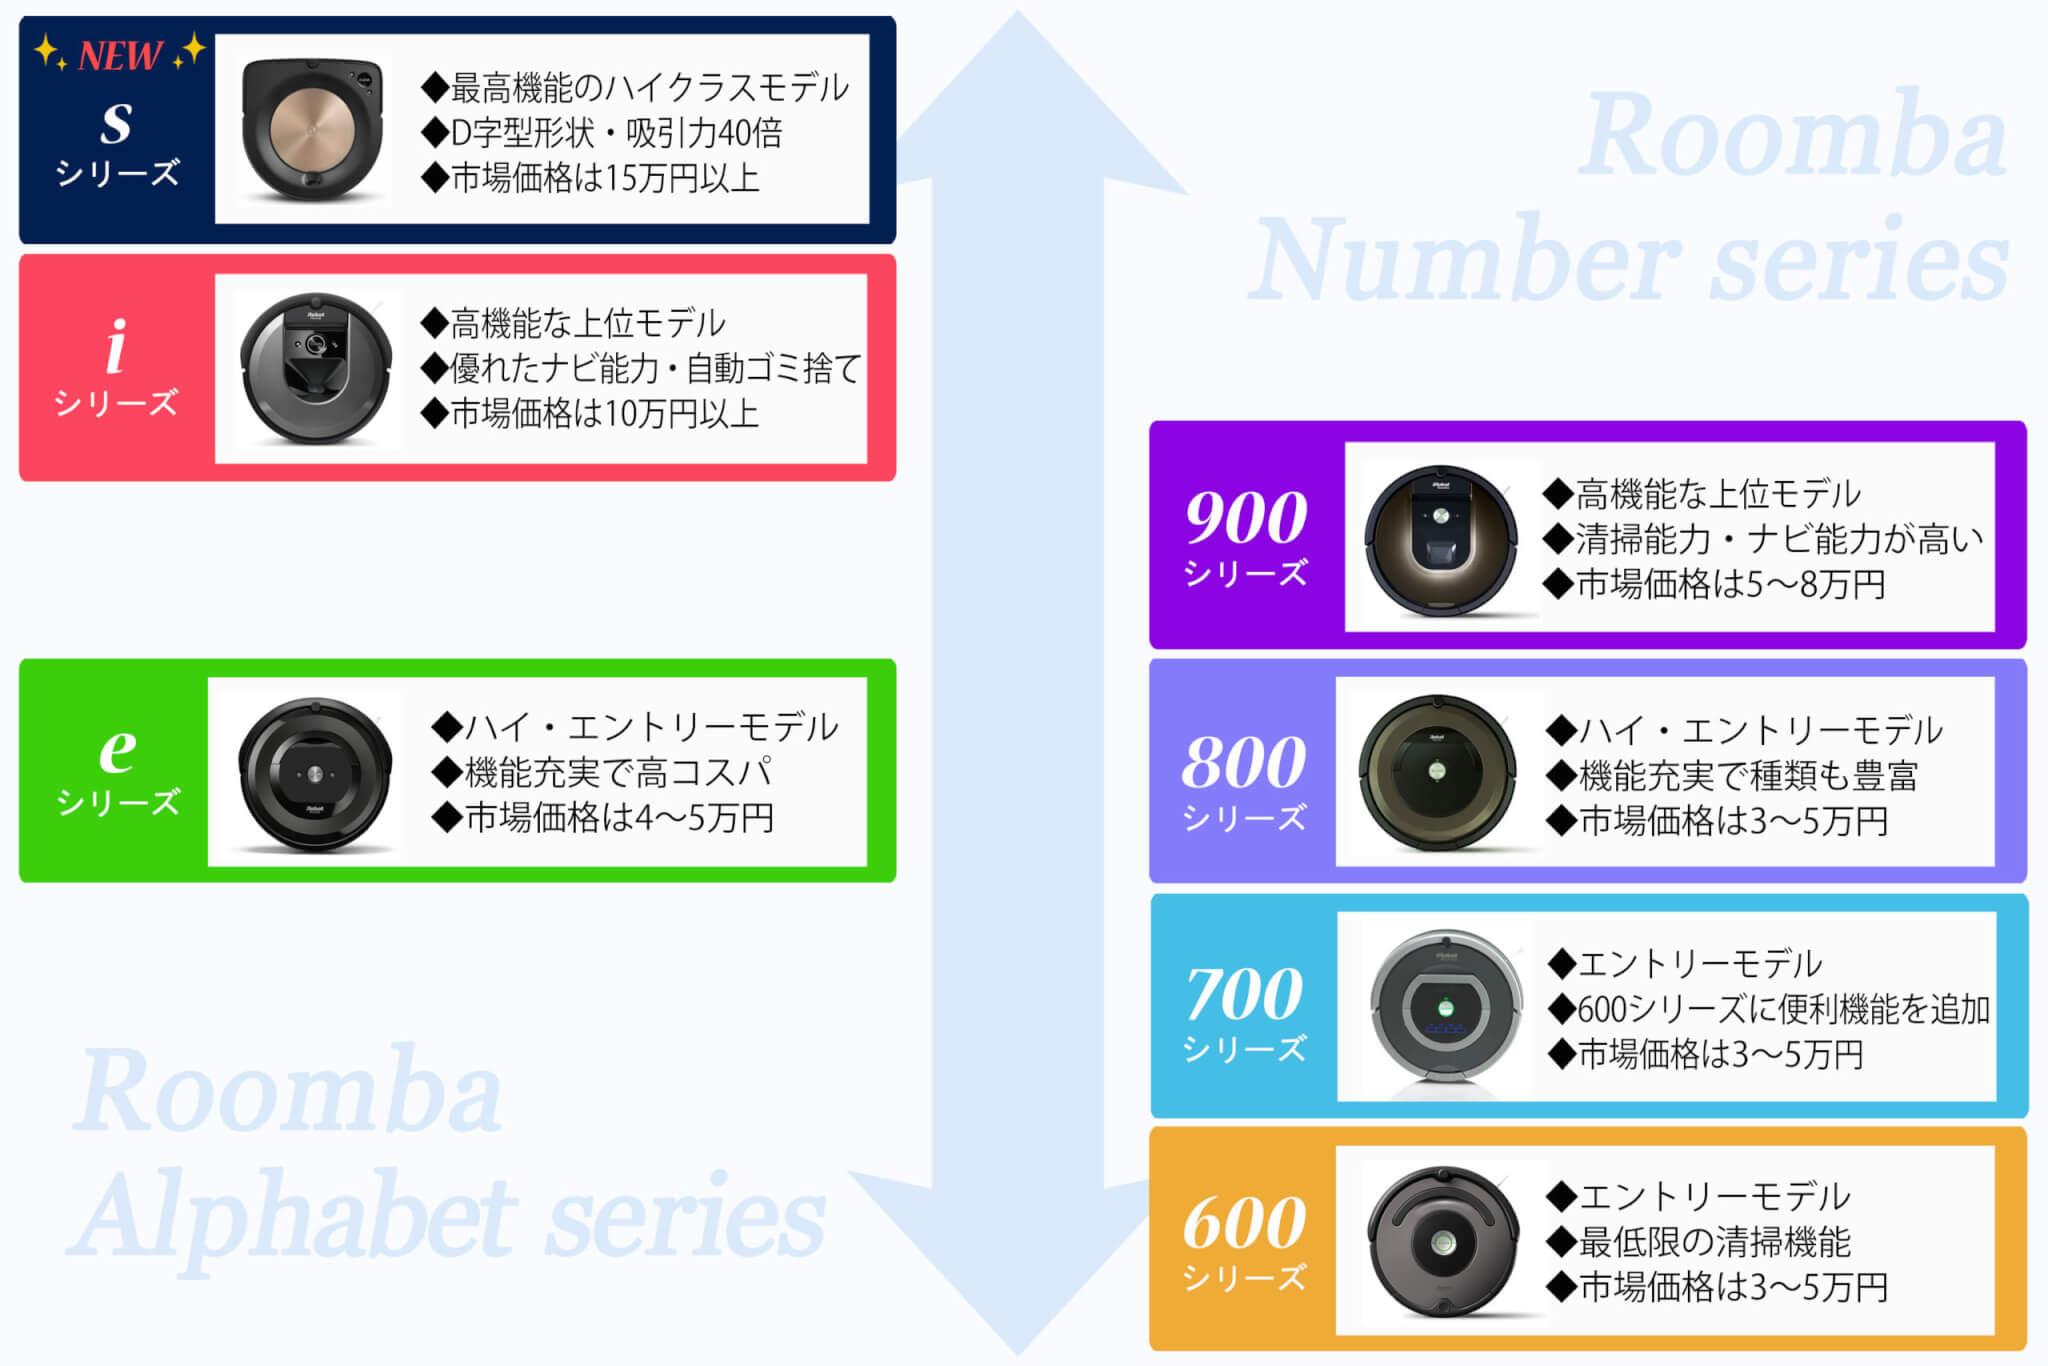 ルンバ e5とルンバ900や800との違いは?